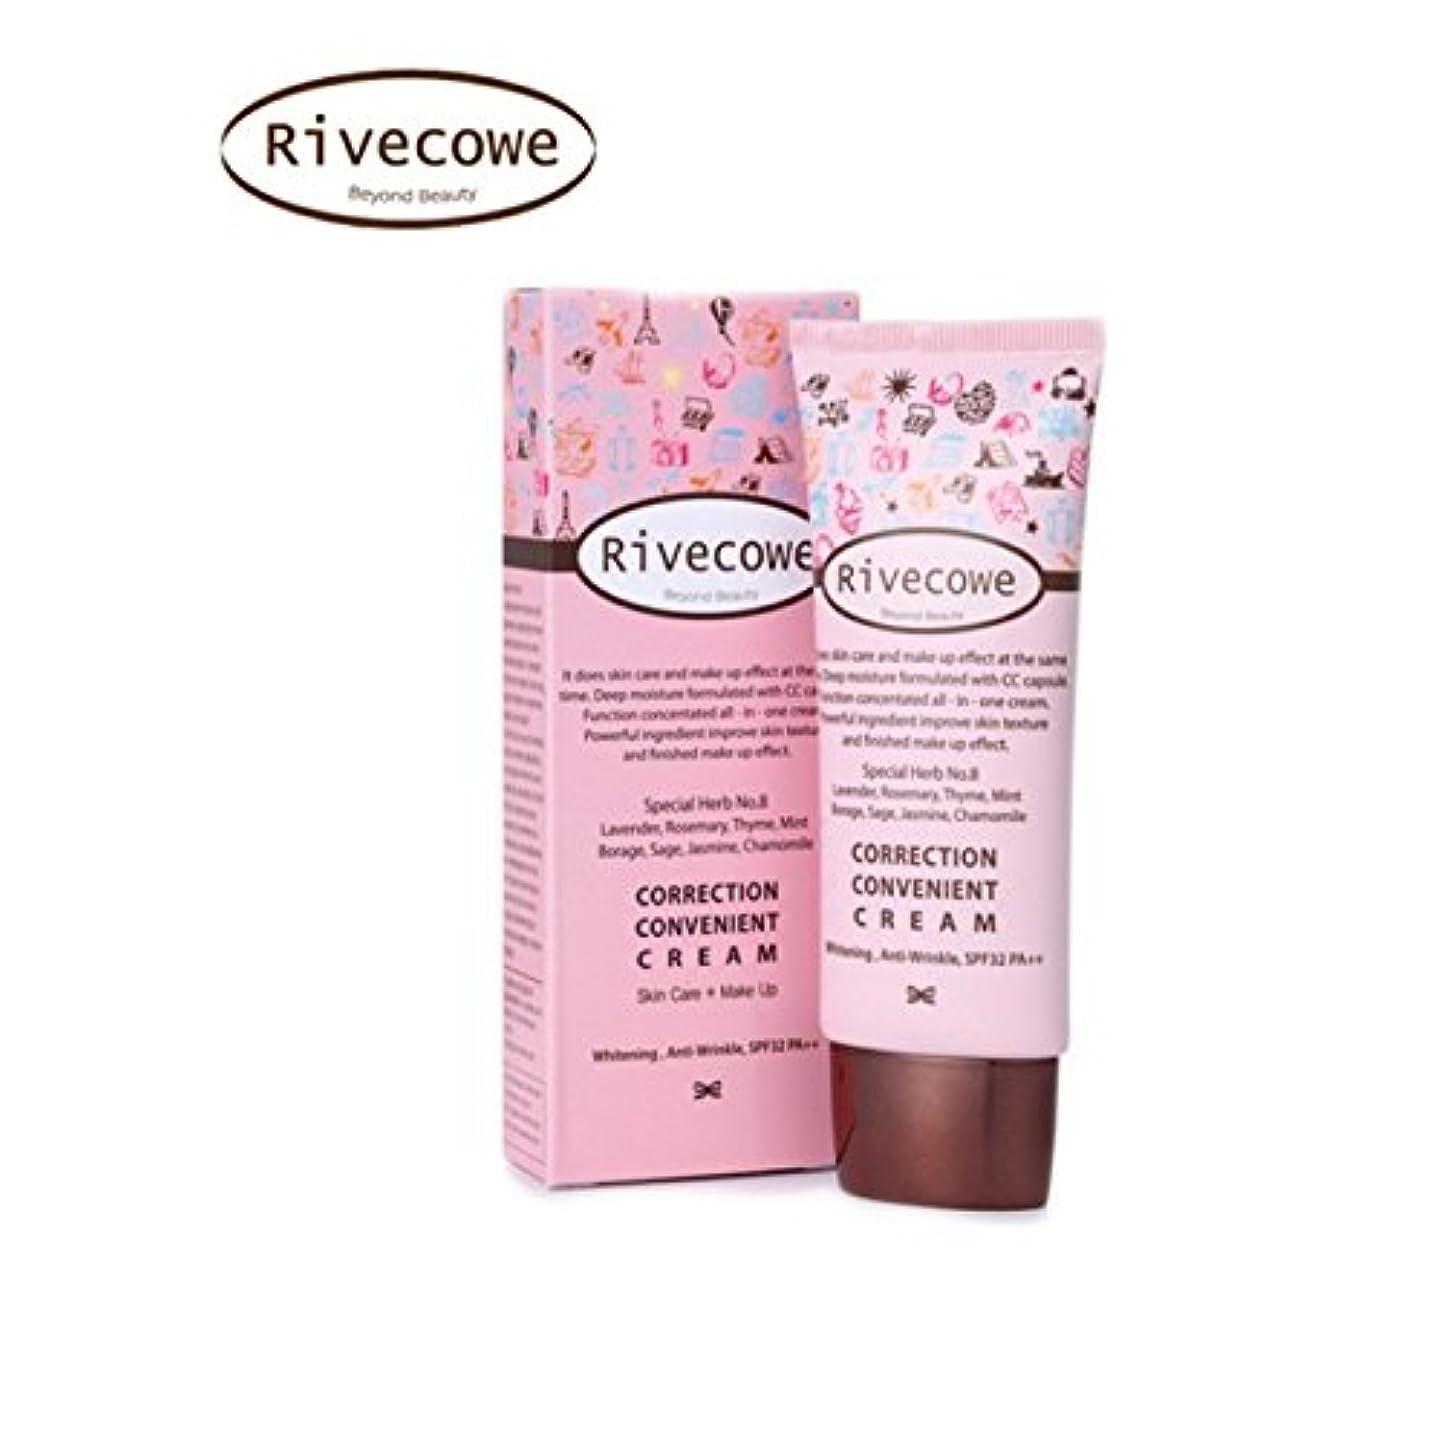 行き当たりばったり書誌してはいけないリヴコイ [韓国コスメ Rivecowe] CC クリーム (SPF32,PA++) 40ml(BB Skin Care+Makeup Foundation)/w Gift Sample [並行輸入品]